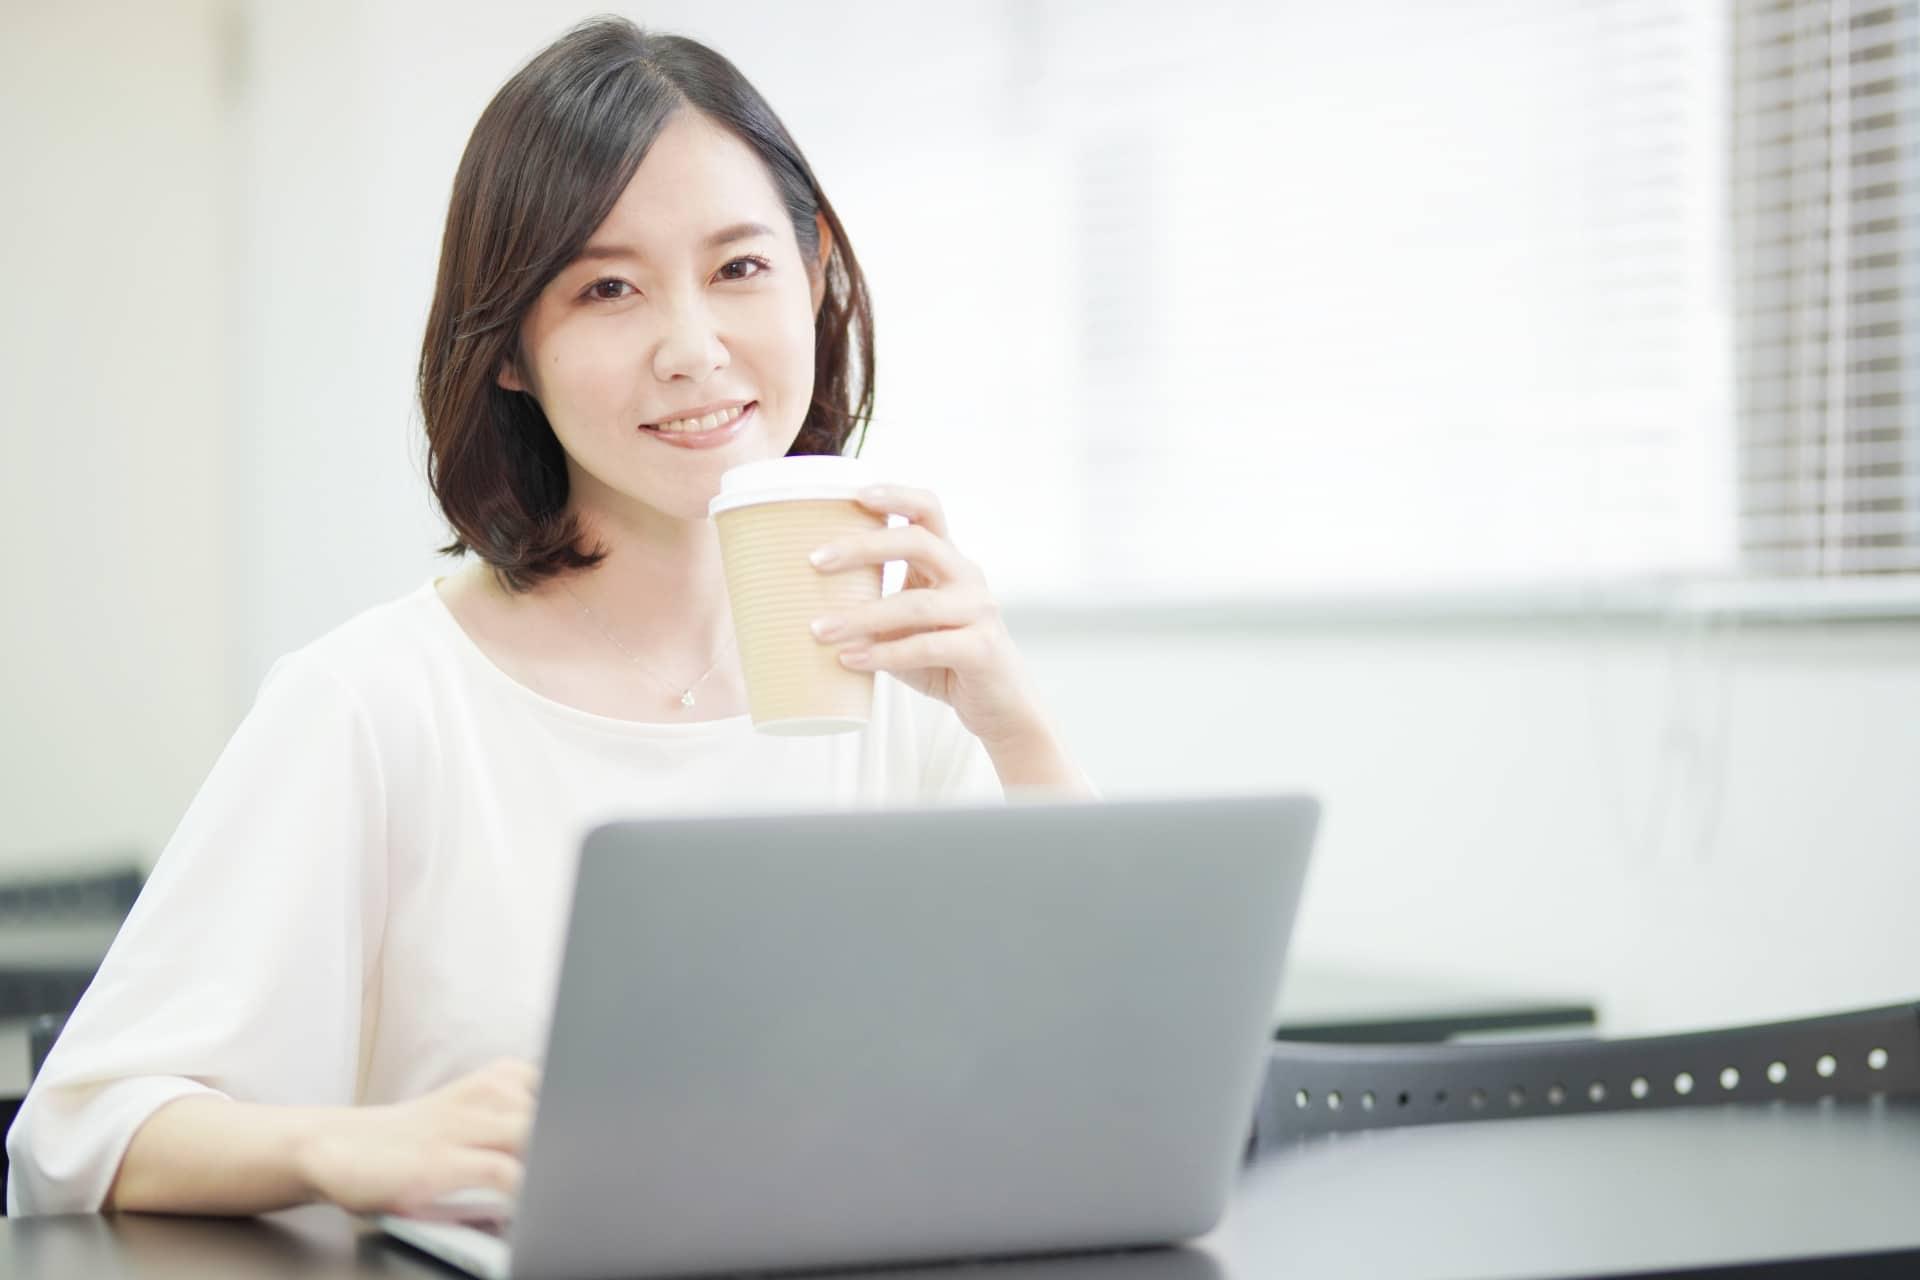 パソコンの前でコーヒーを飲む女性